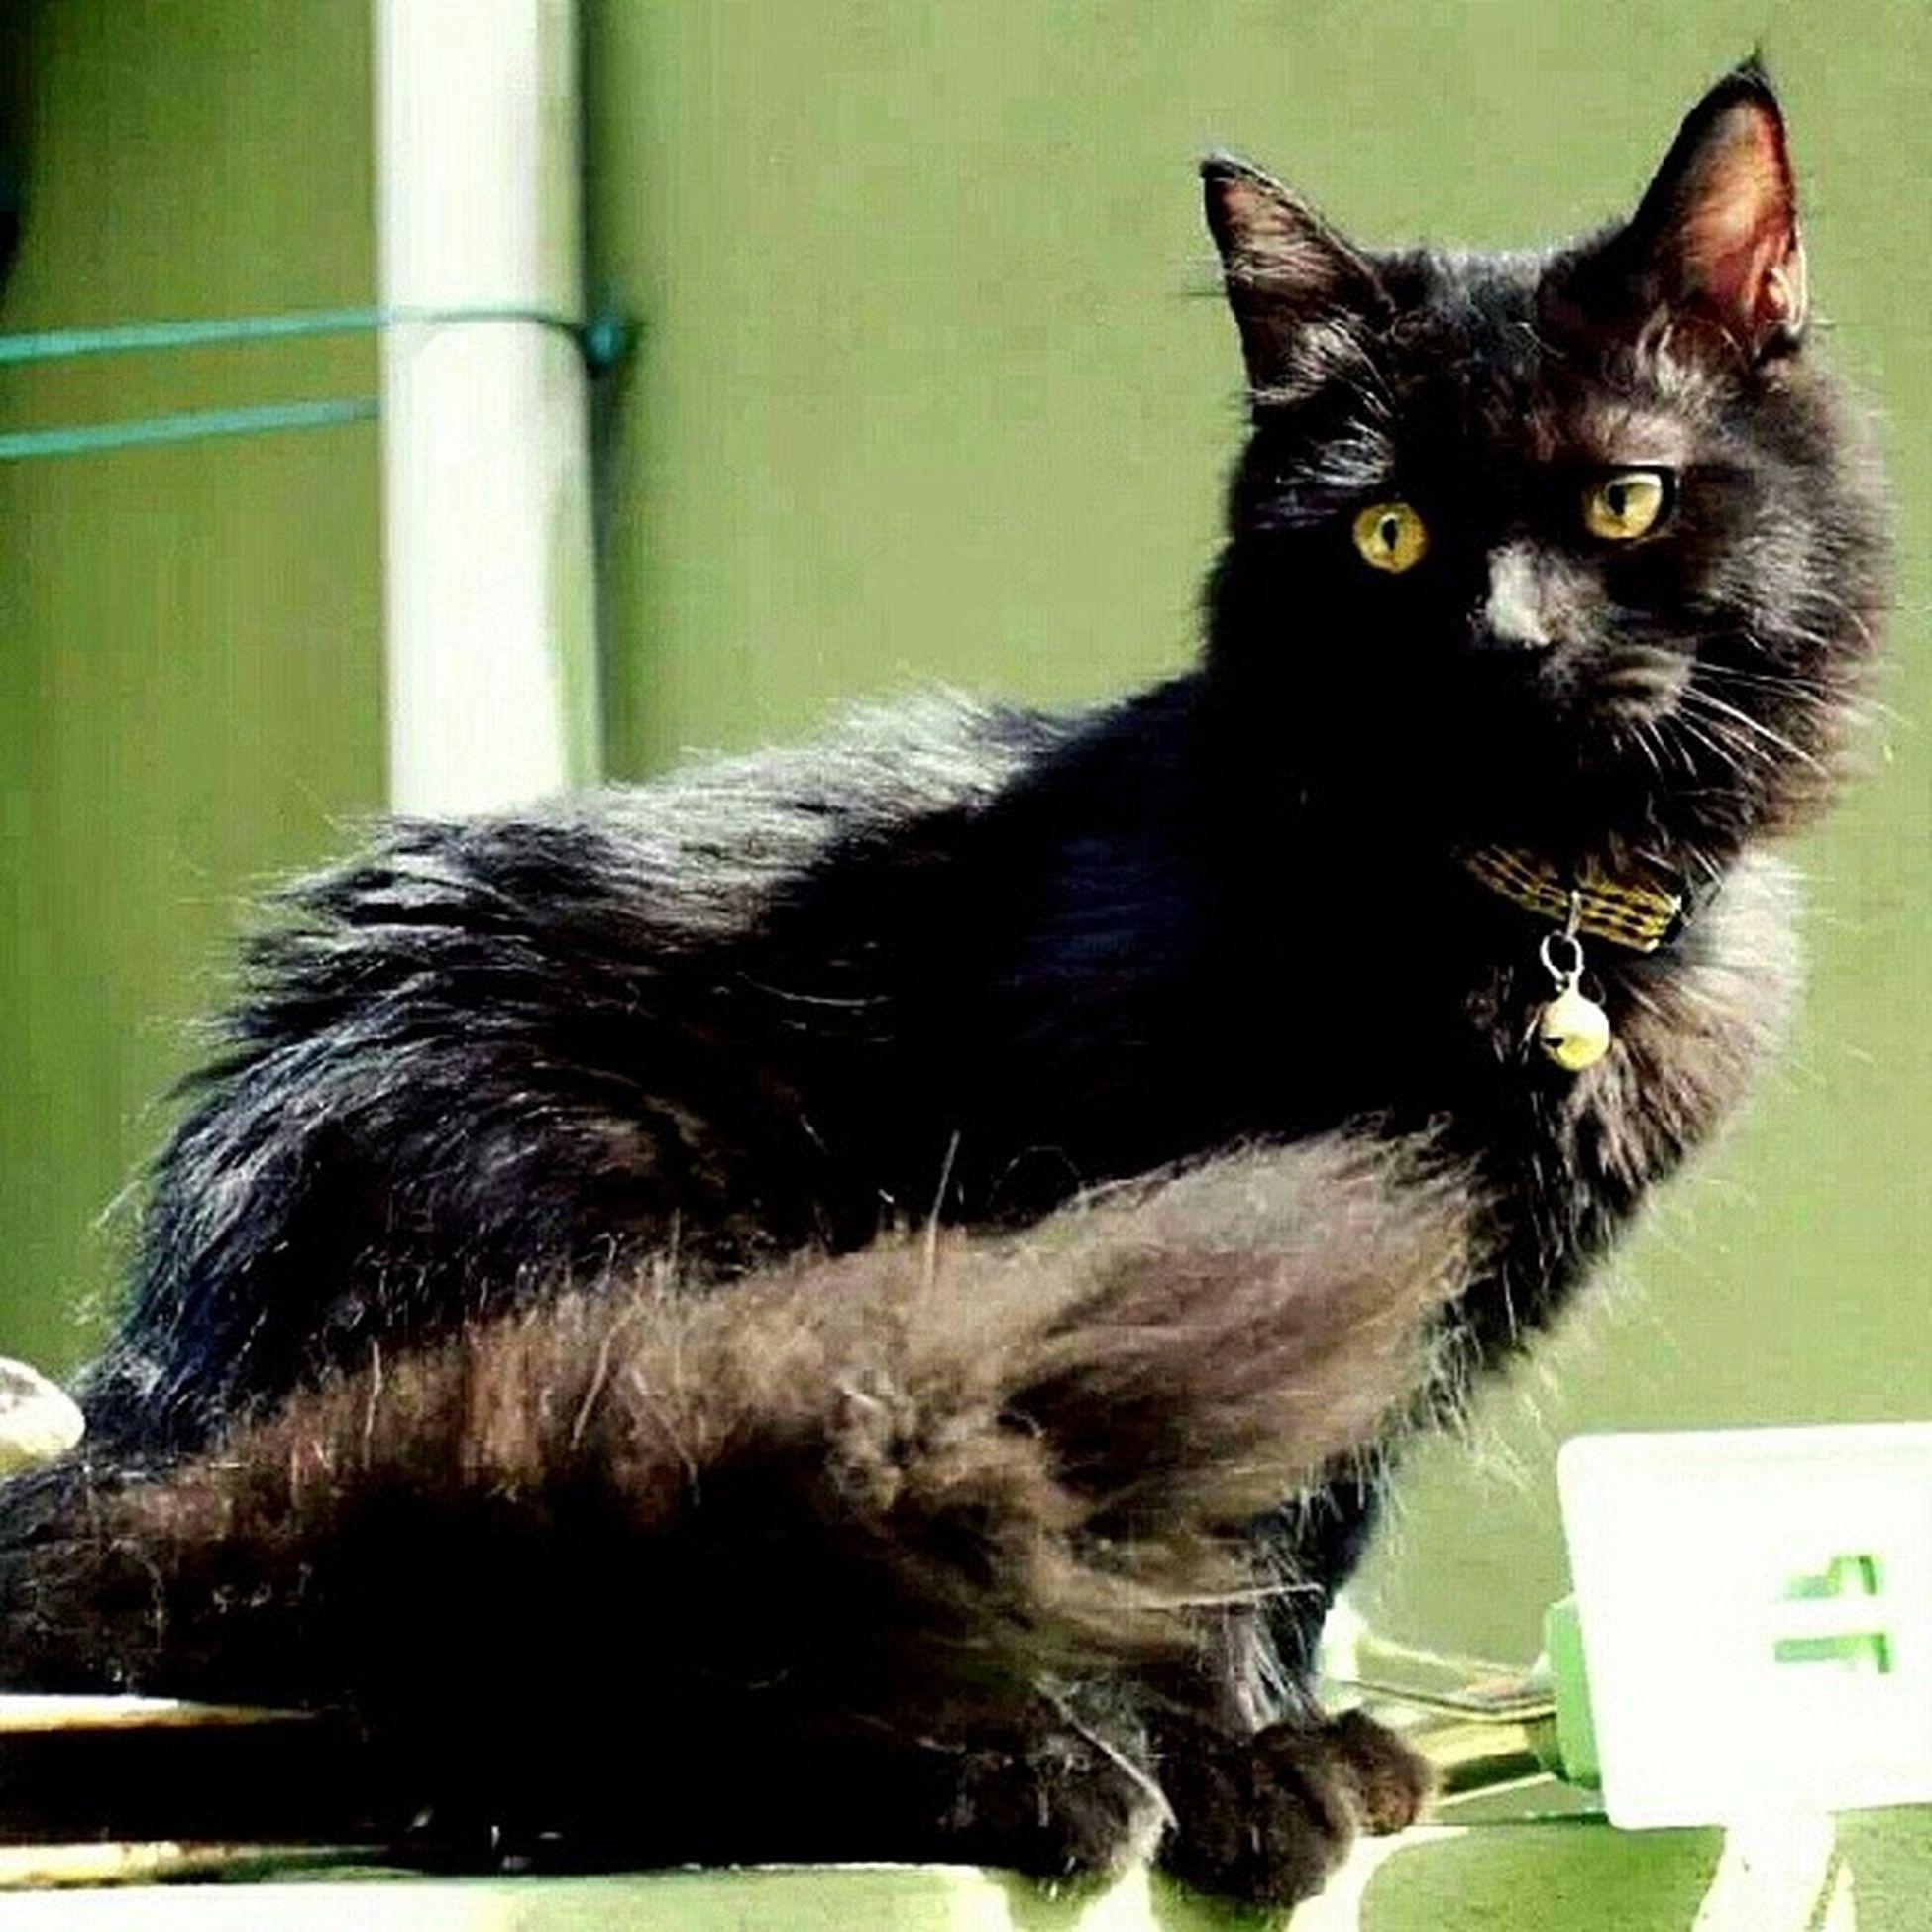 Tammy dok usha memeow dara. Umur baru 9 bulan dah sibuk nak Mengawan >·< Aristacats Kucing Blacky  blackcat instacat igclubcats igcats igmalaysian catsoftheday catstagram catlover catsofinstagram neko gato kot kedi kissa meow